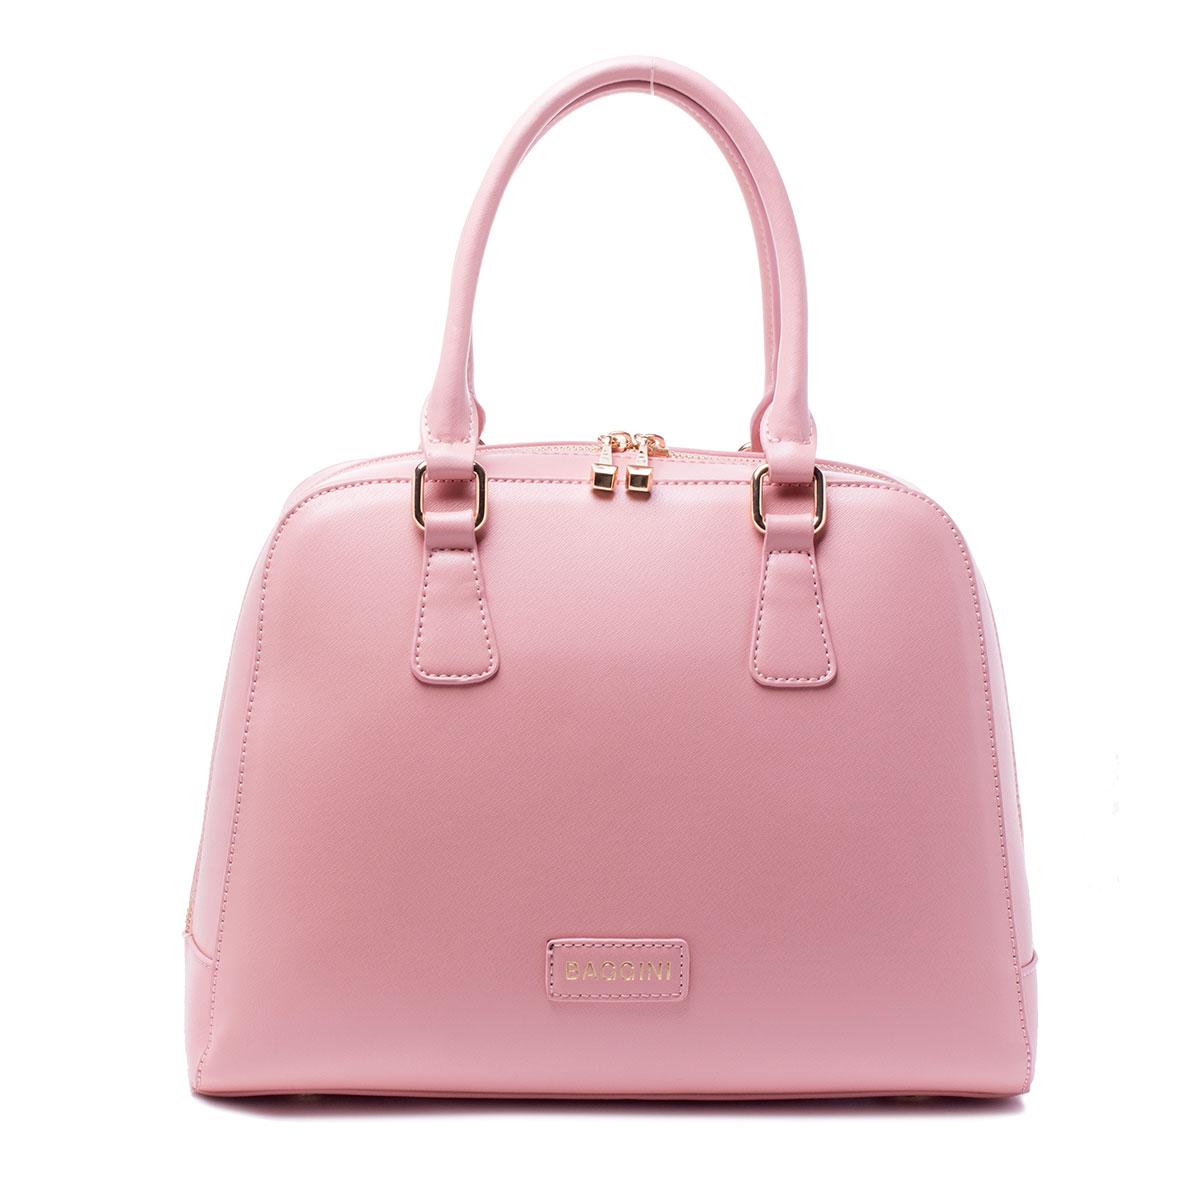 Сумка женская Baggini, цвет: розовый. 29771/6329771/63Сумка жен., иск. кожа